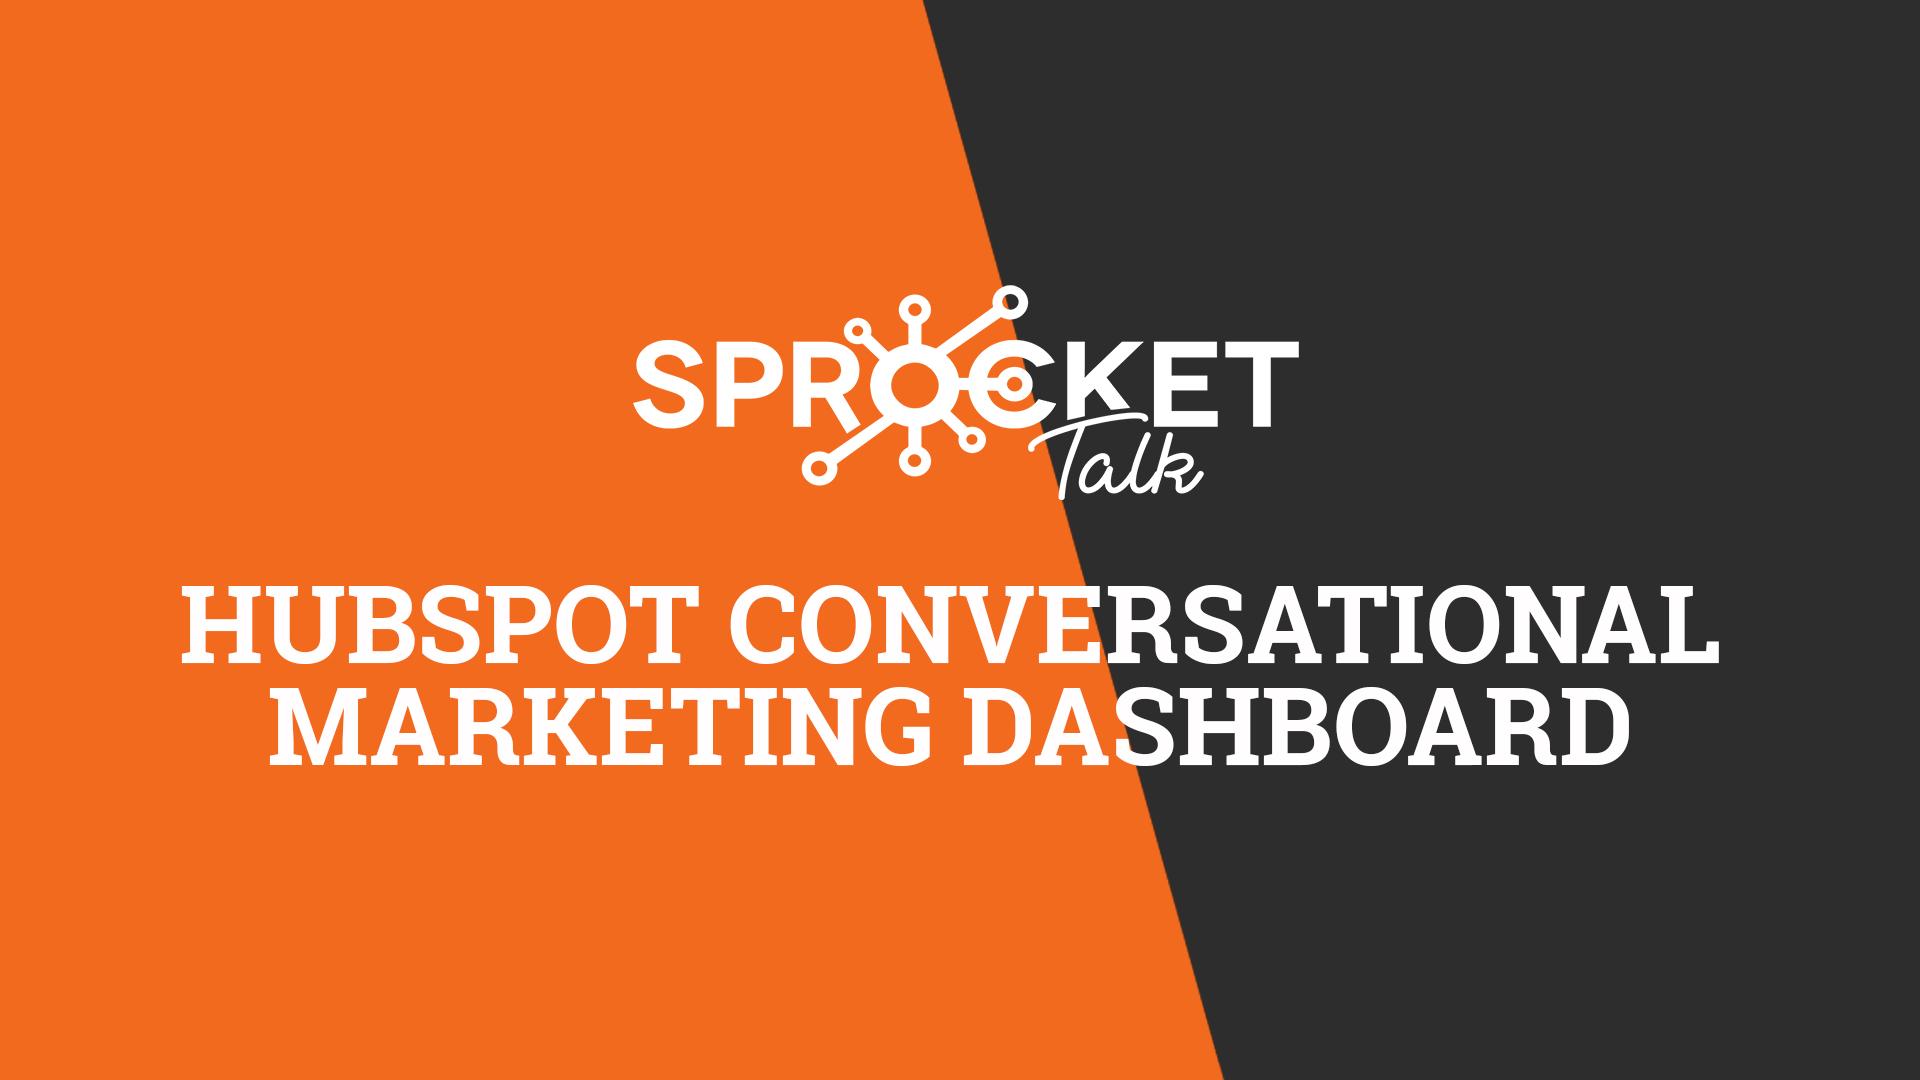 First HubSpot Conversational Marketing Dashboard